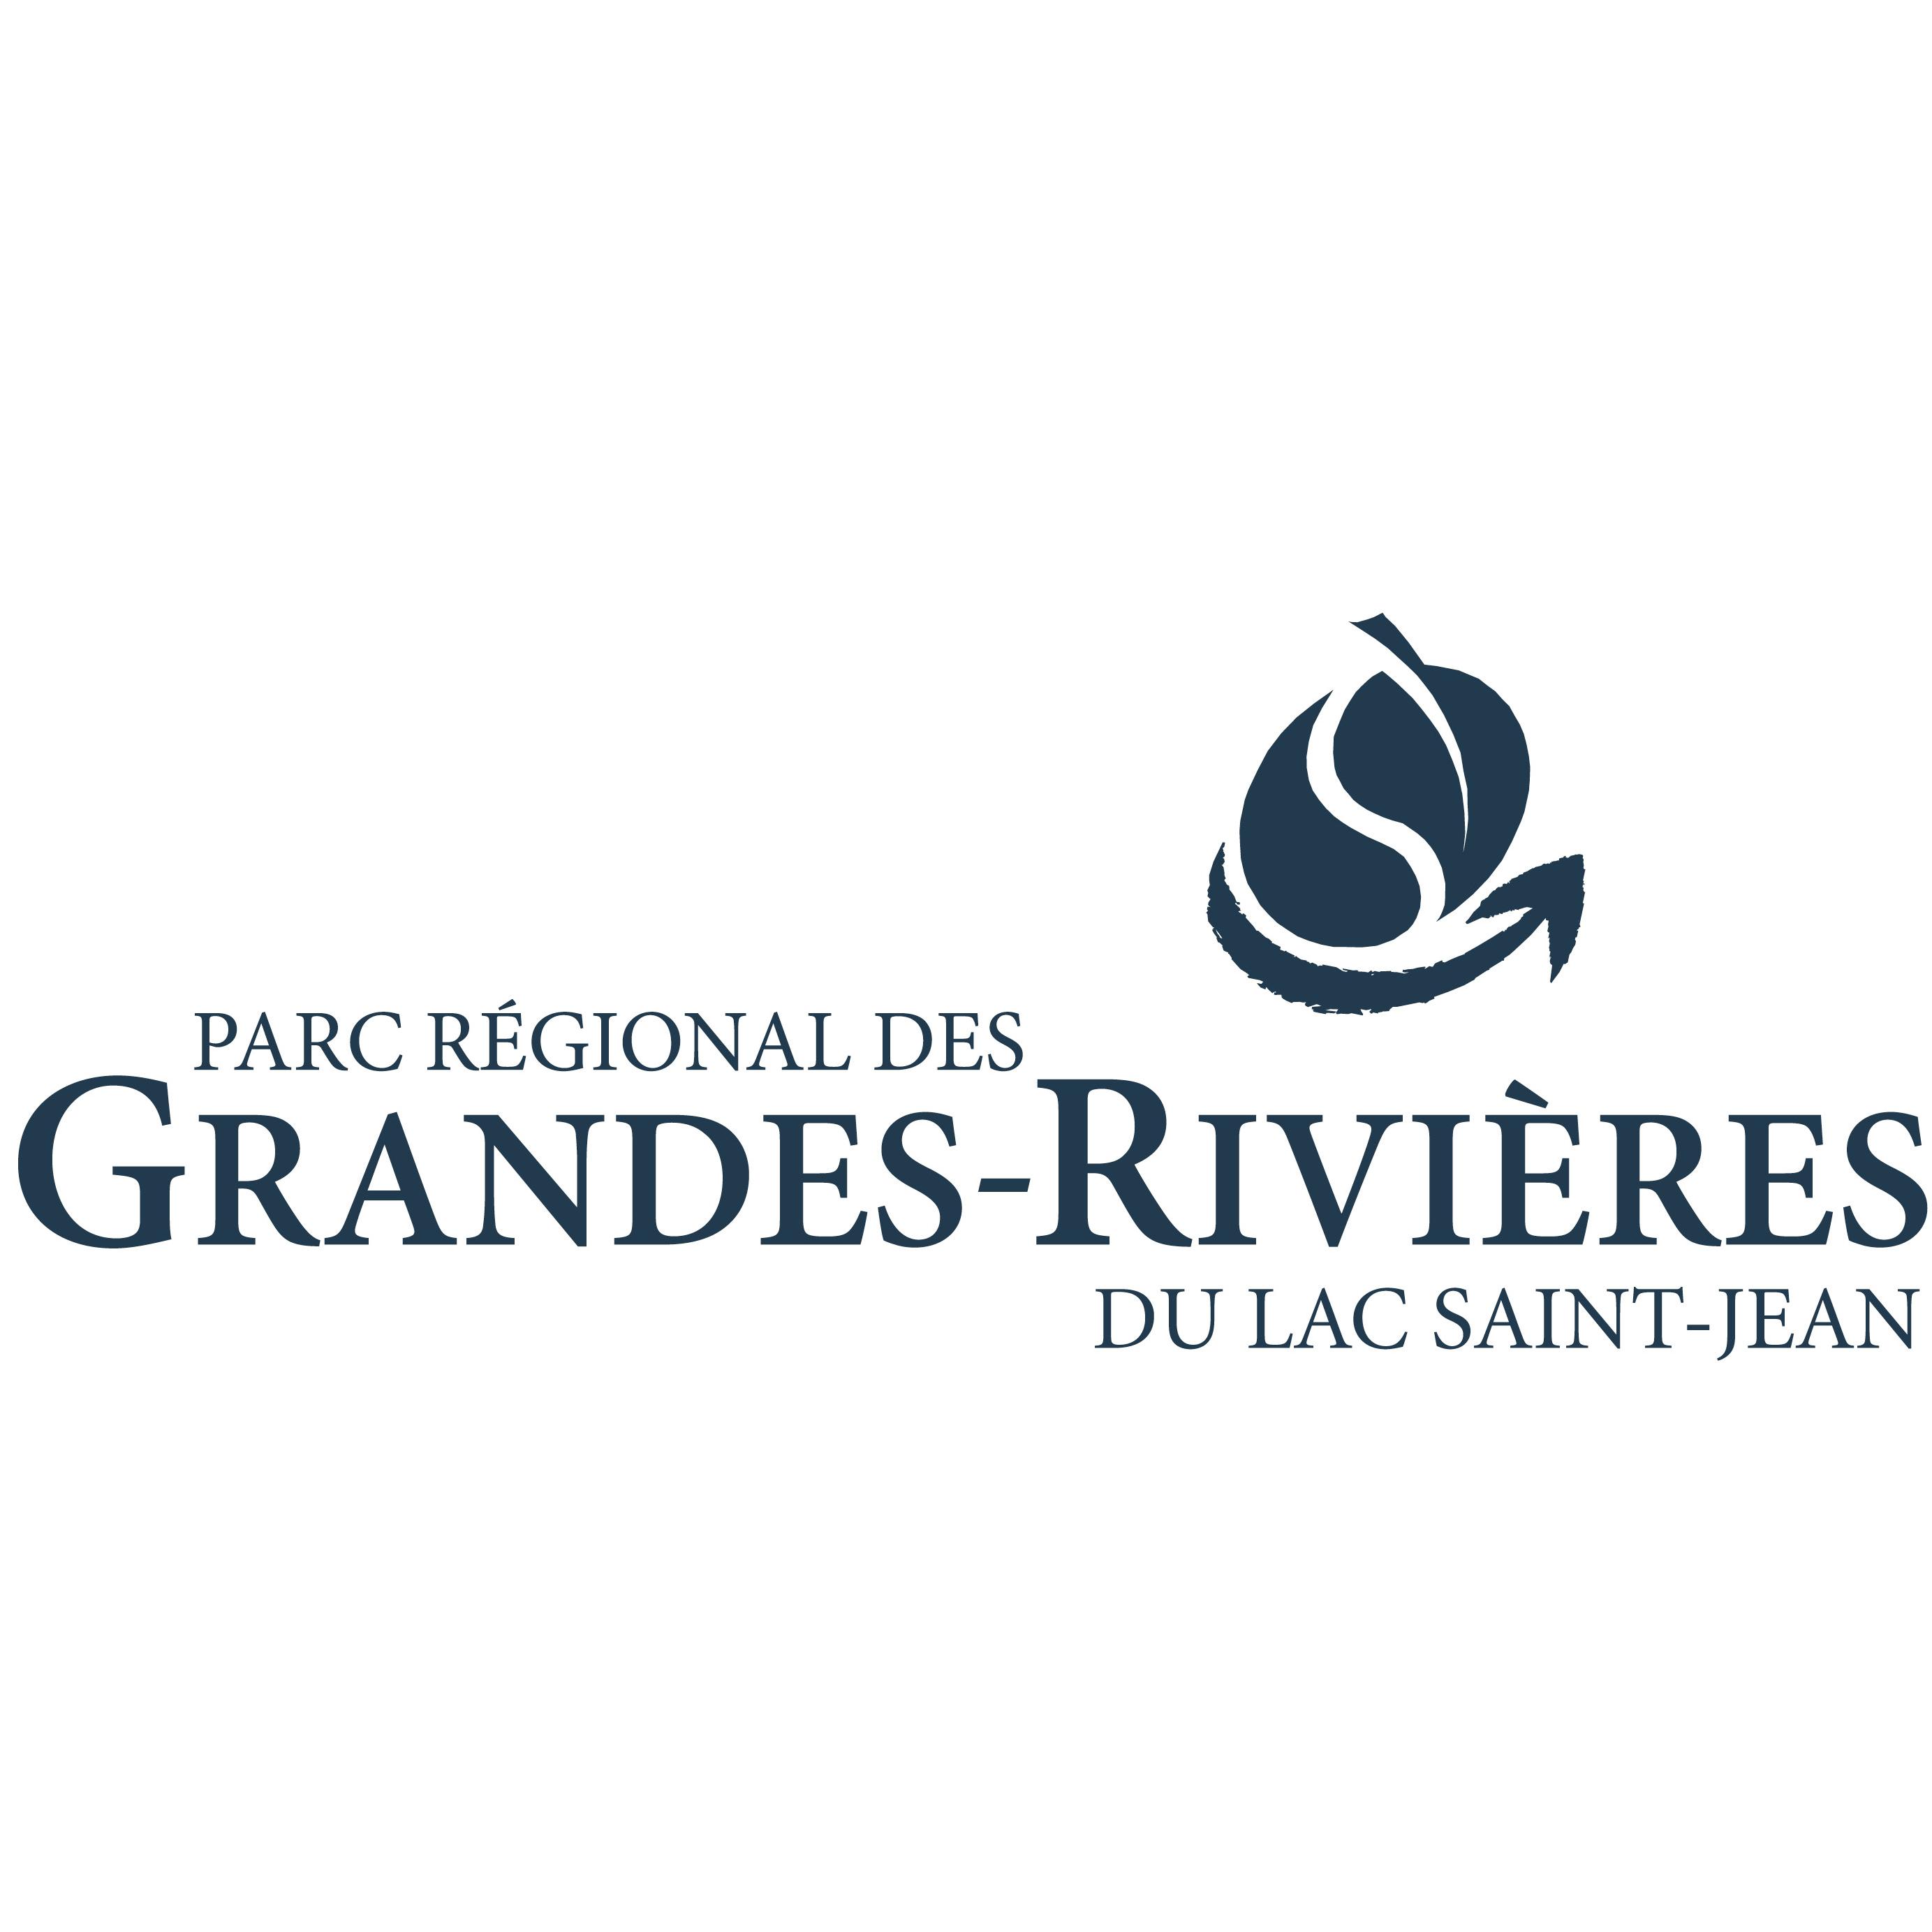 Parc régional des Grandes-Rivières du lac Saint-Jean